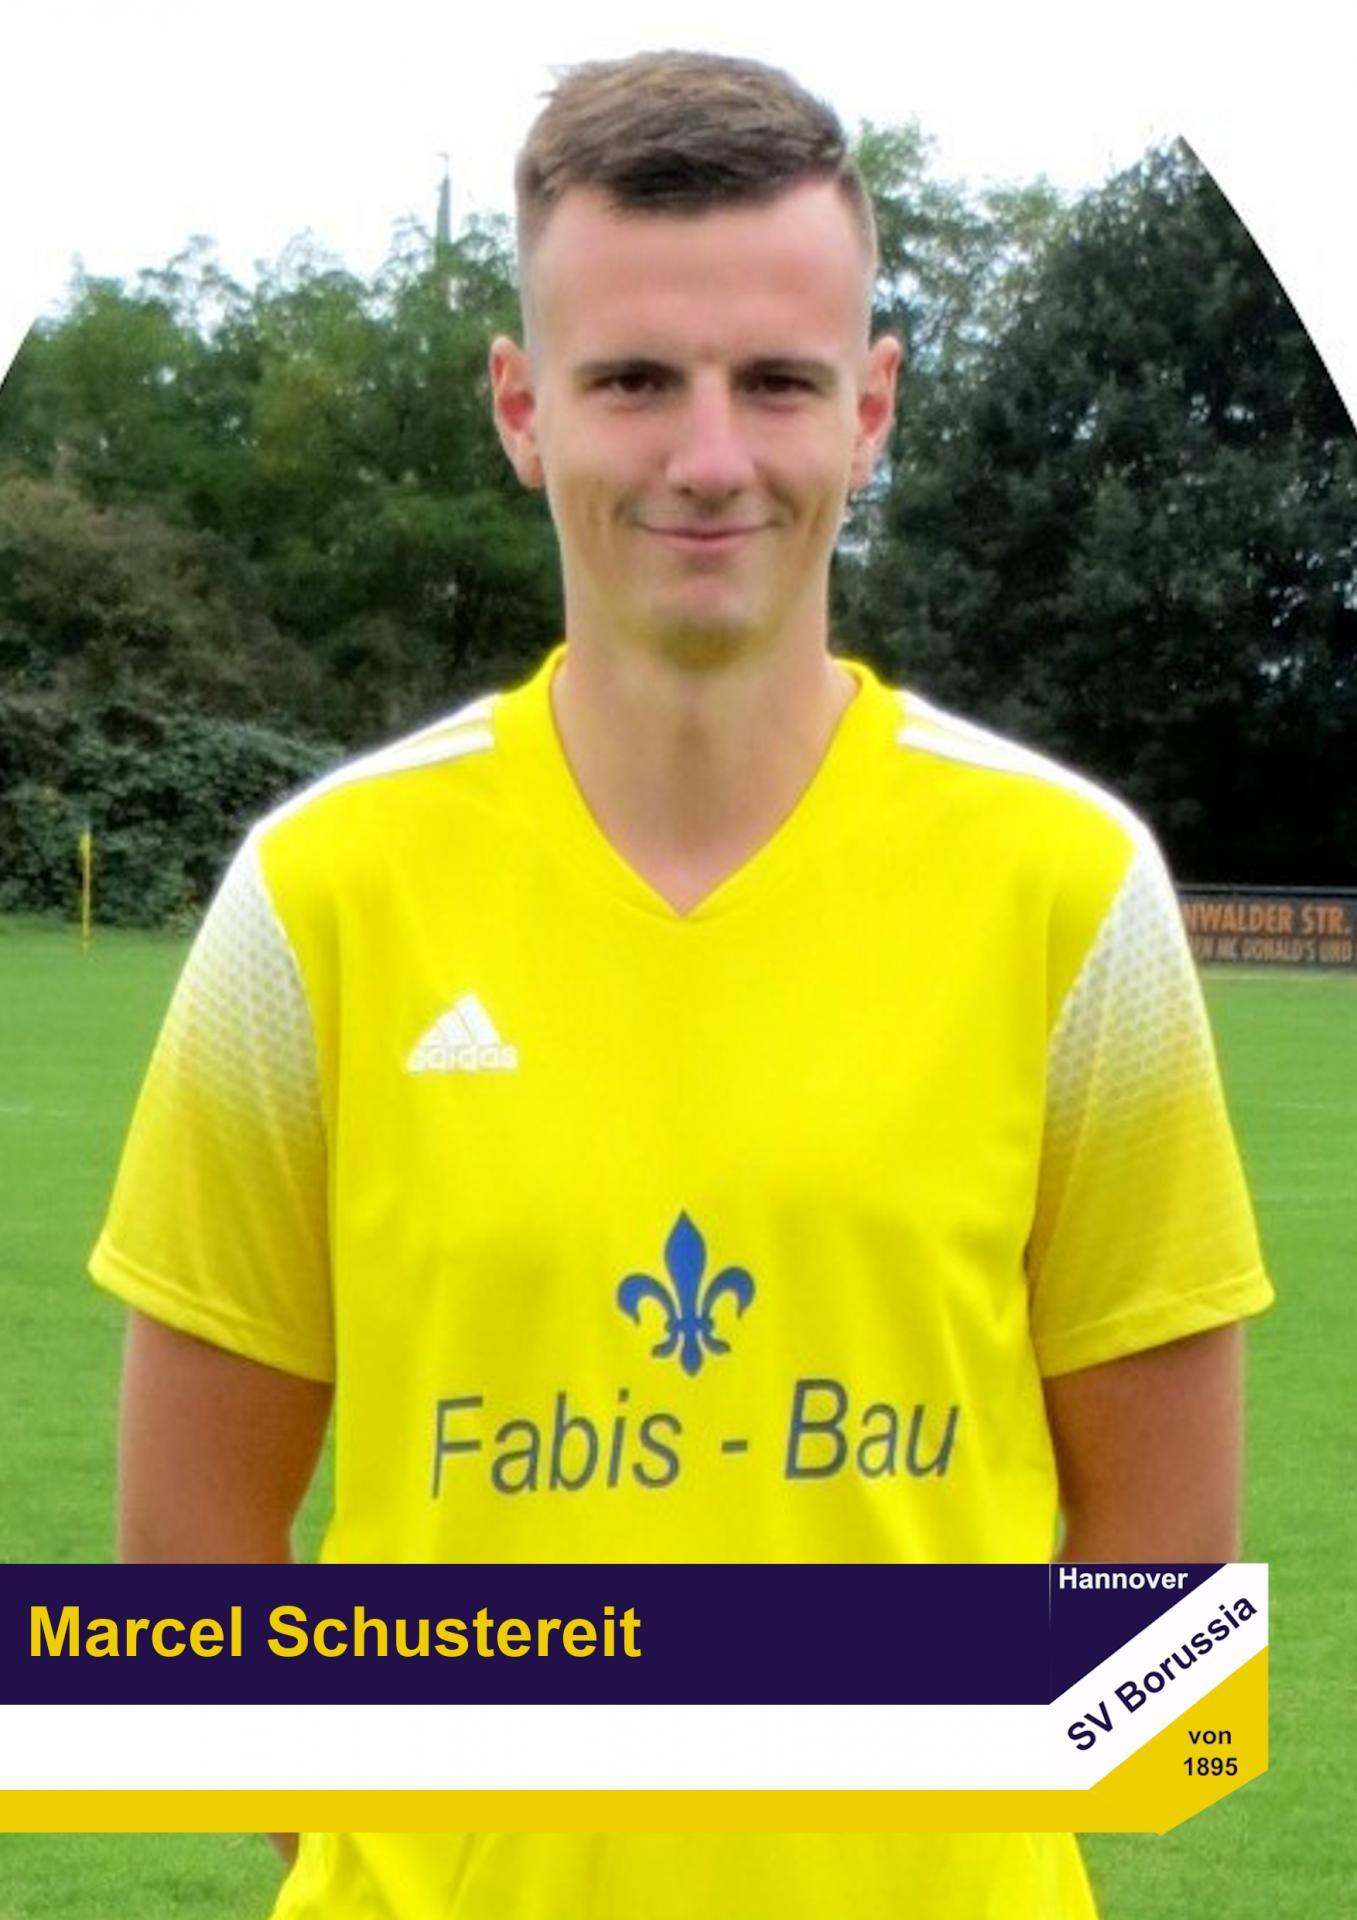 Marcel Schustereit